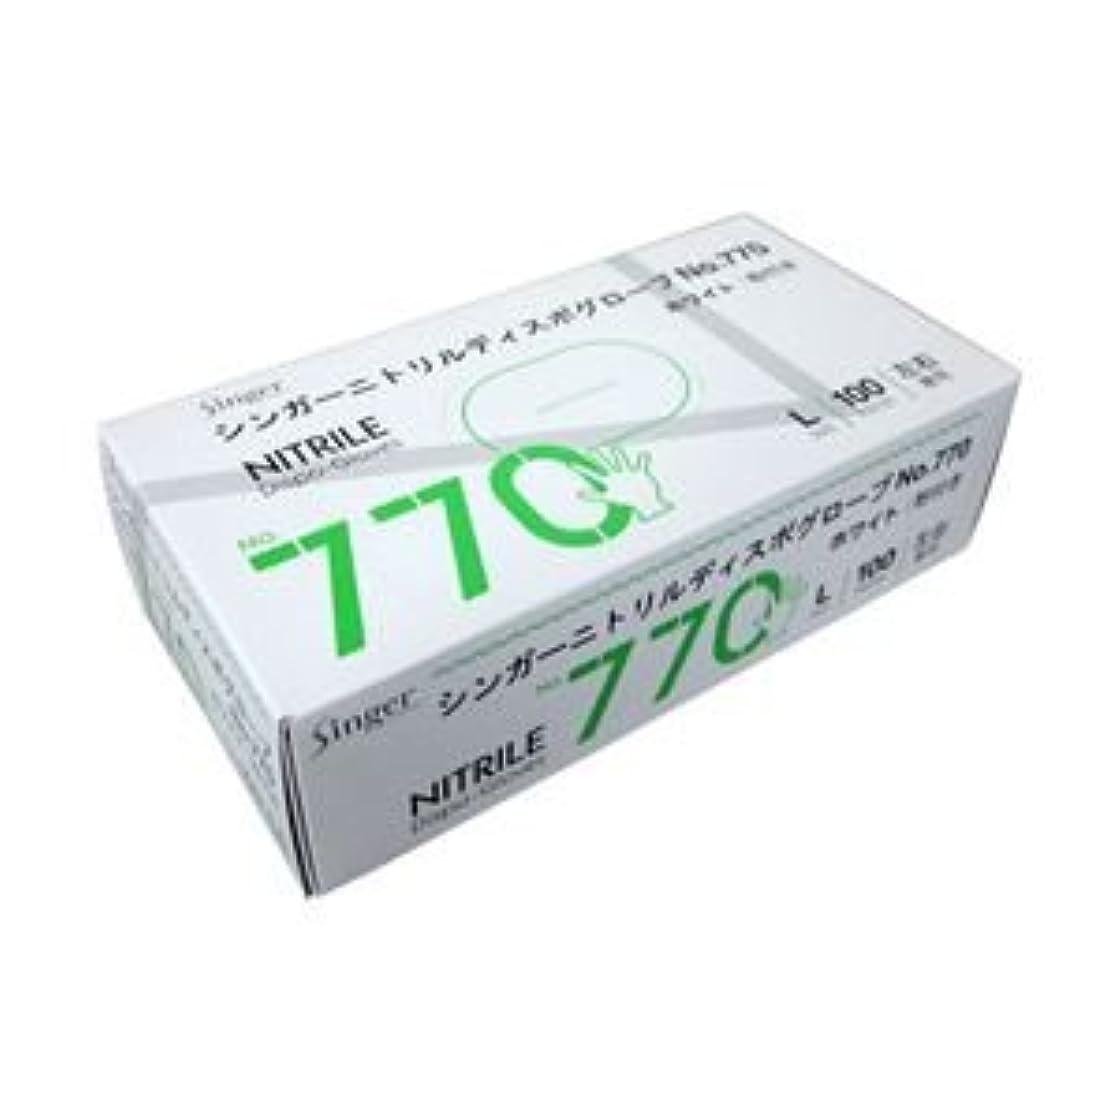 幻影費用静的宇都宮製作 ニトリル手袋 粉付き ホワイト L 1箱(100枚) ×5セット